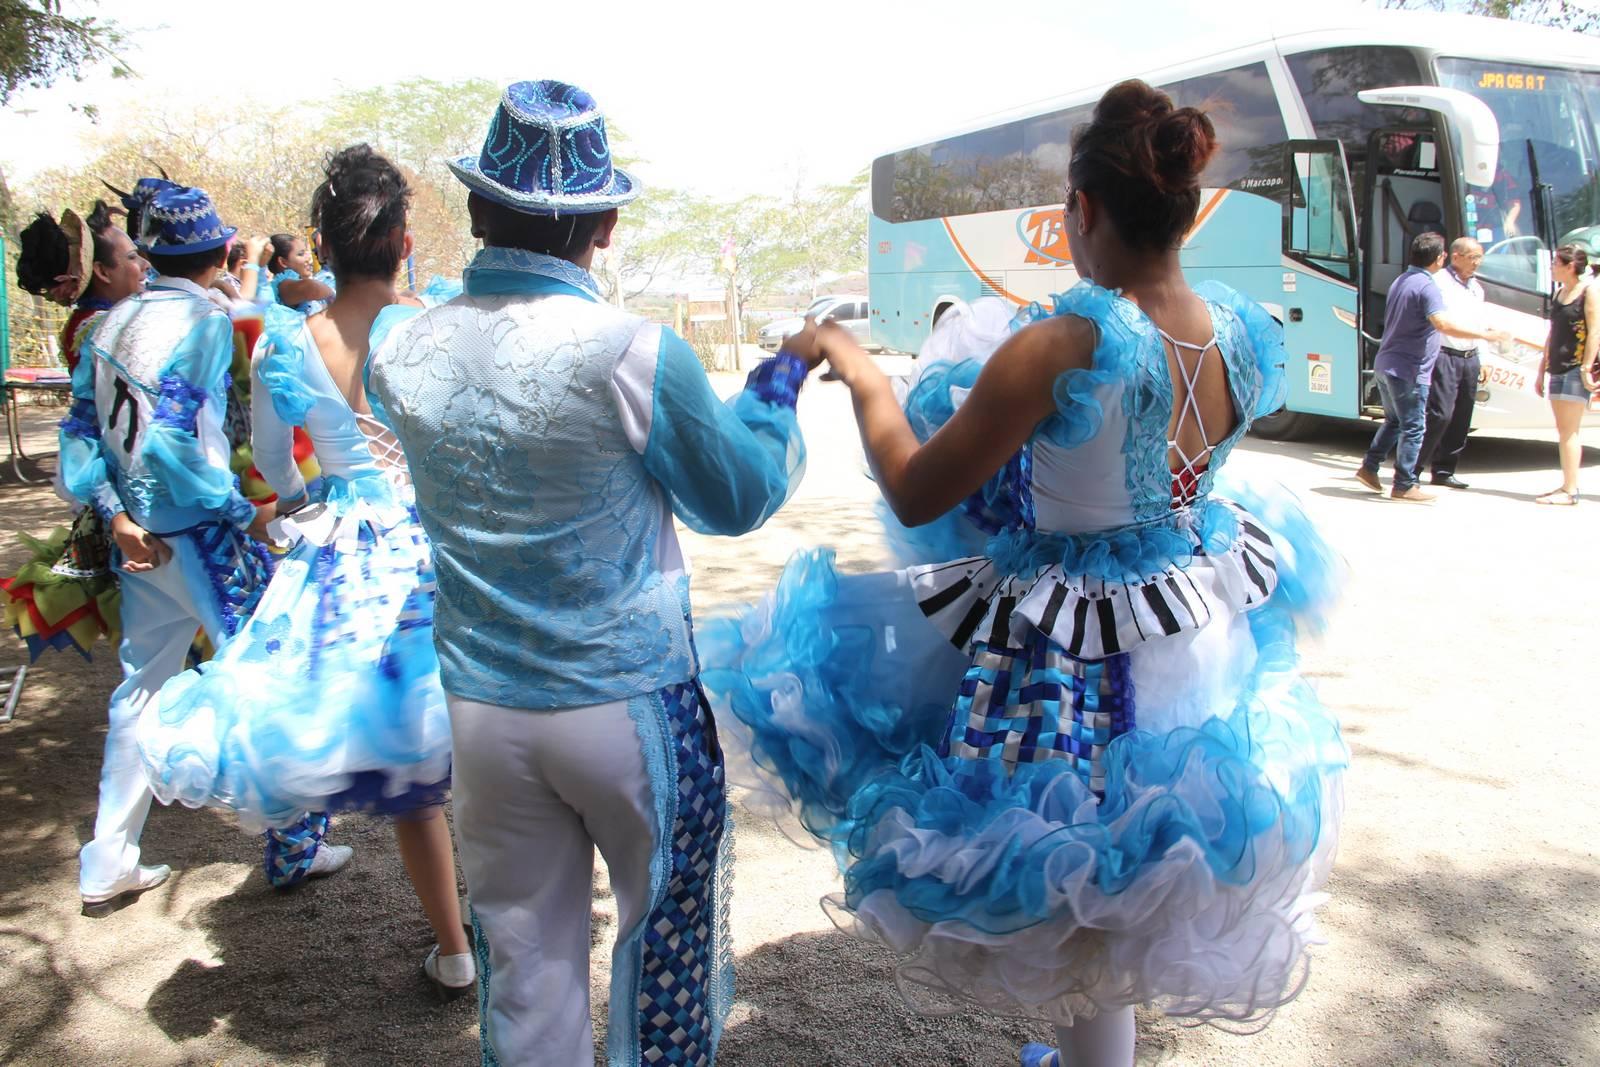 Momento de Festa e Confraternização - IV Encontro Reginal do Nordeste (4)